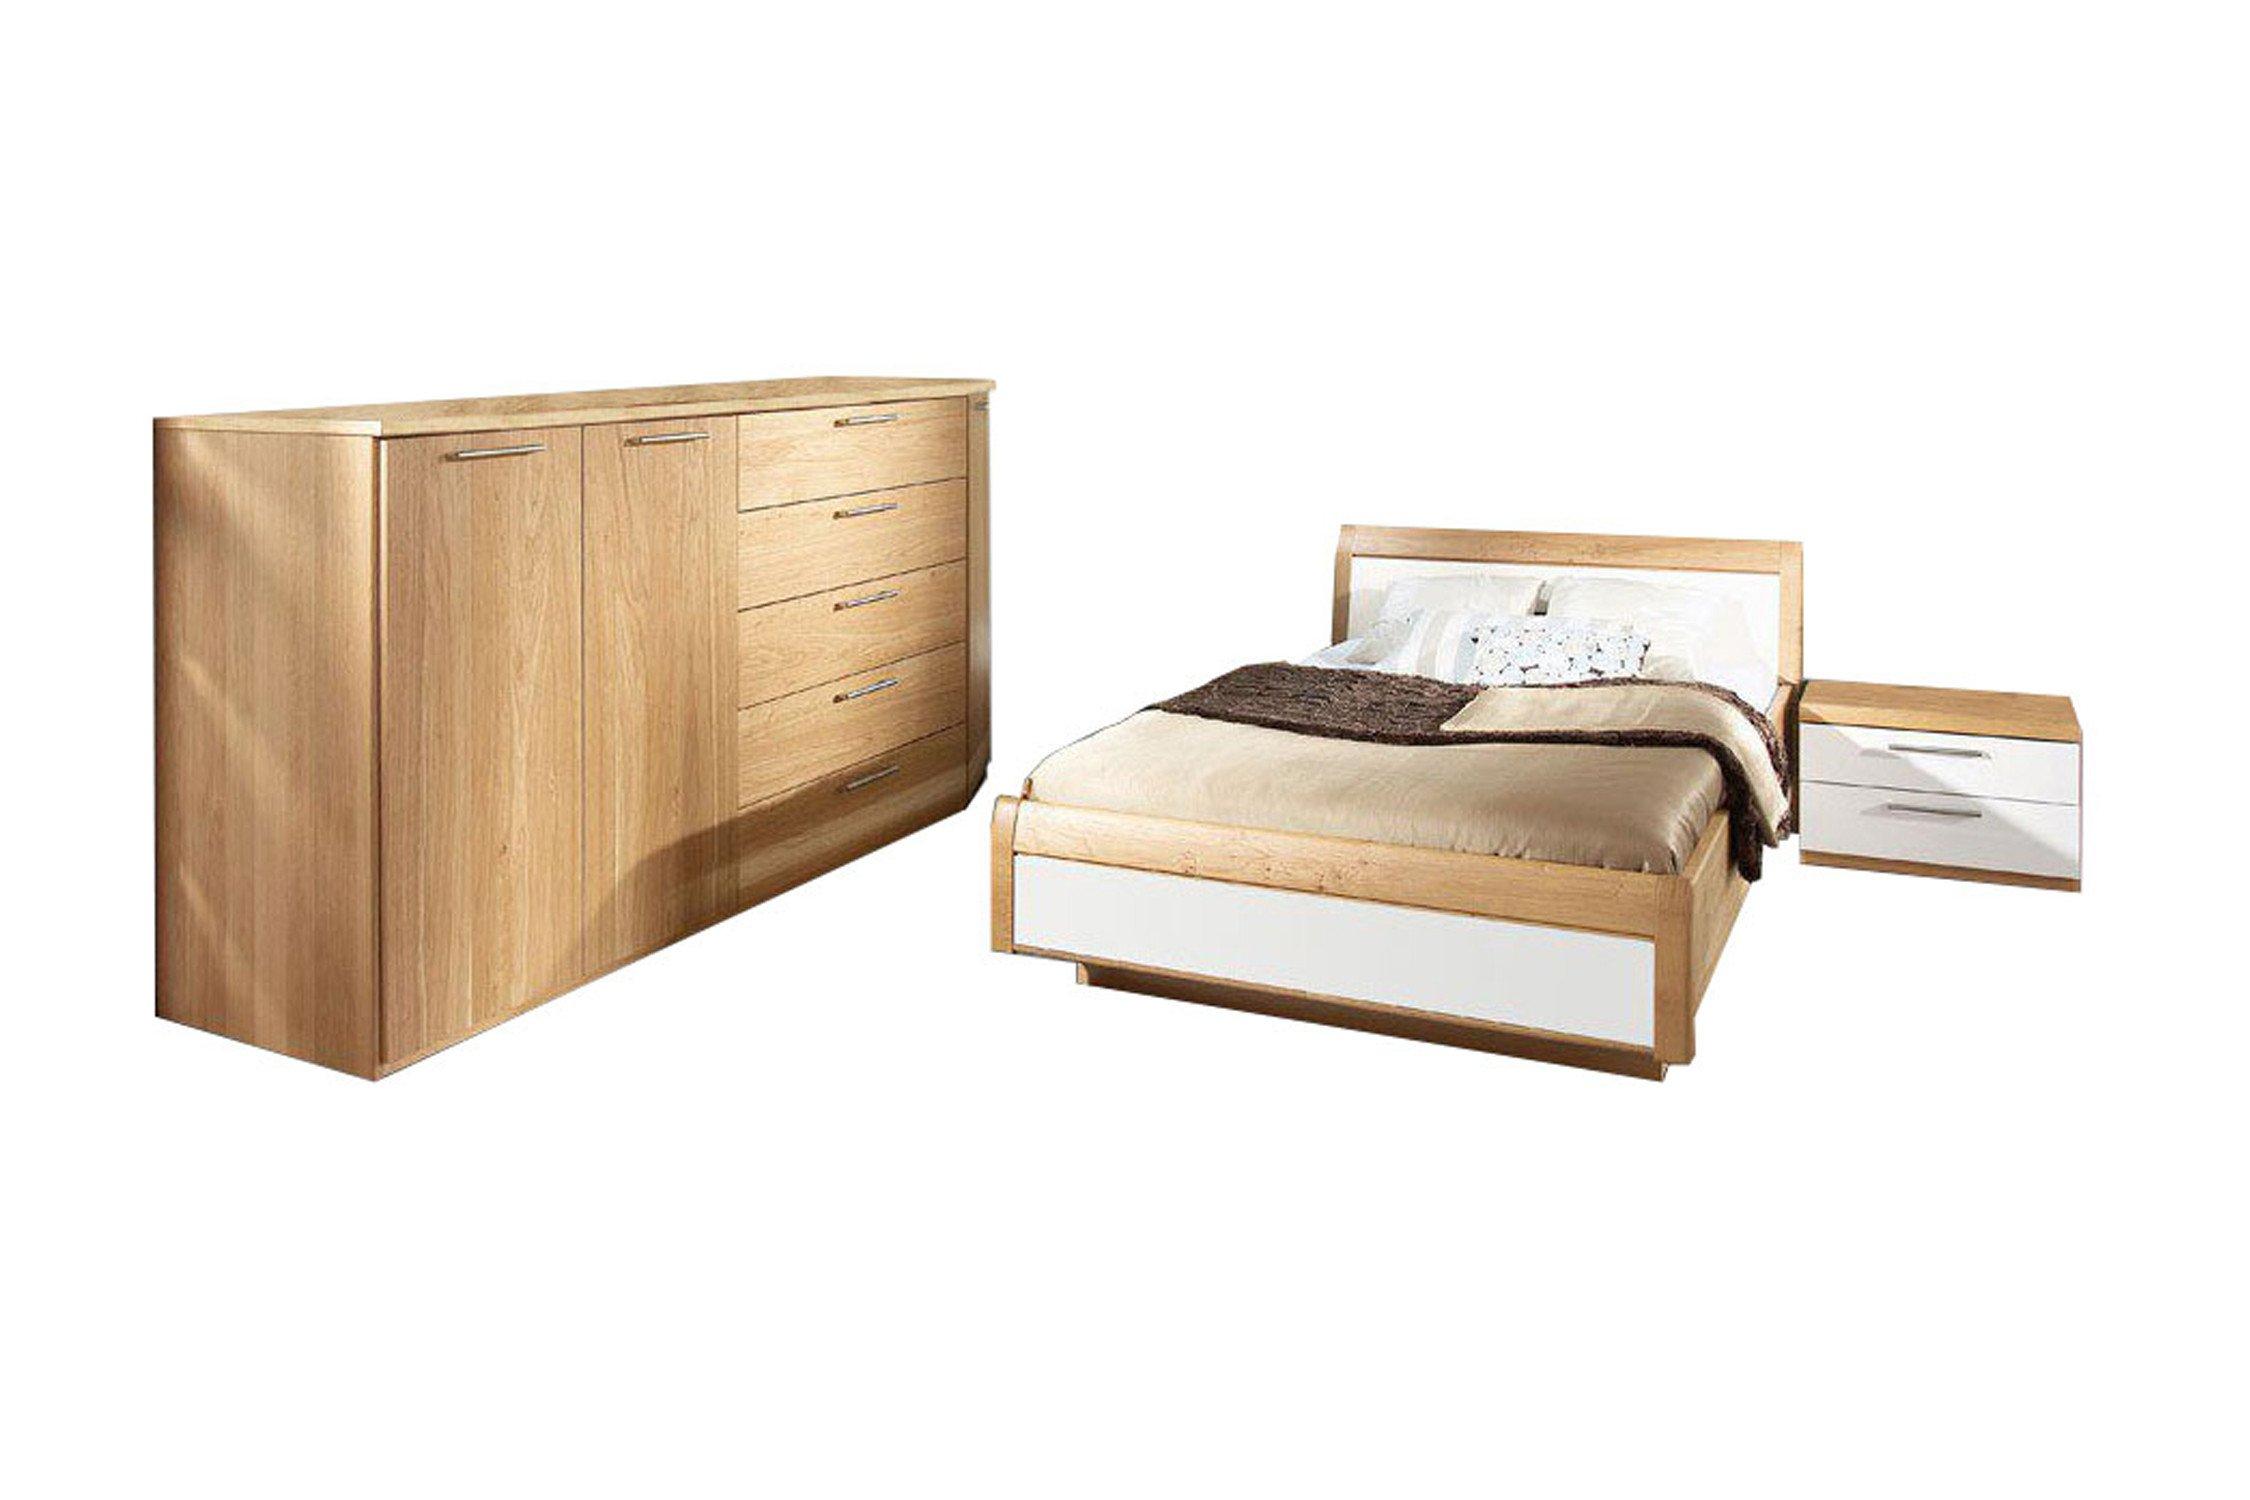 Komplett schlafzimmer mit einzelbett bettdecken 155x220 for Wer nimmt gebrauchte mobel